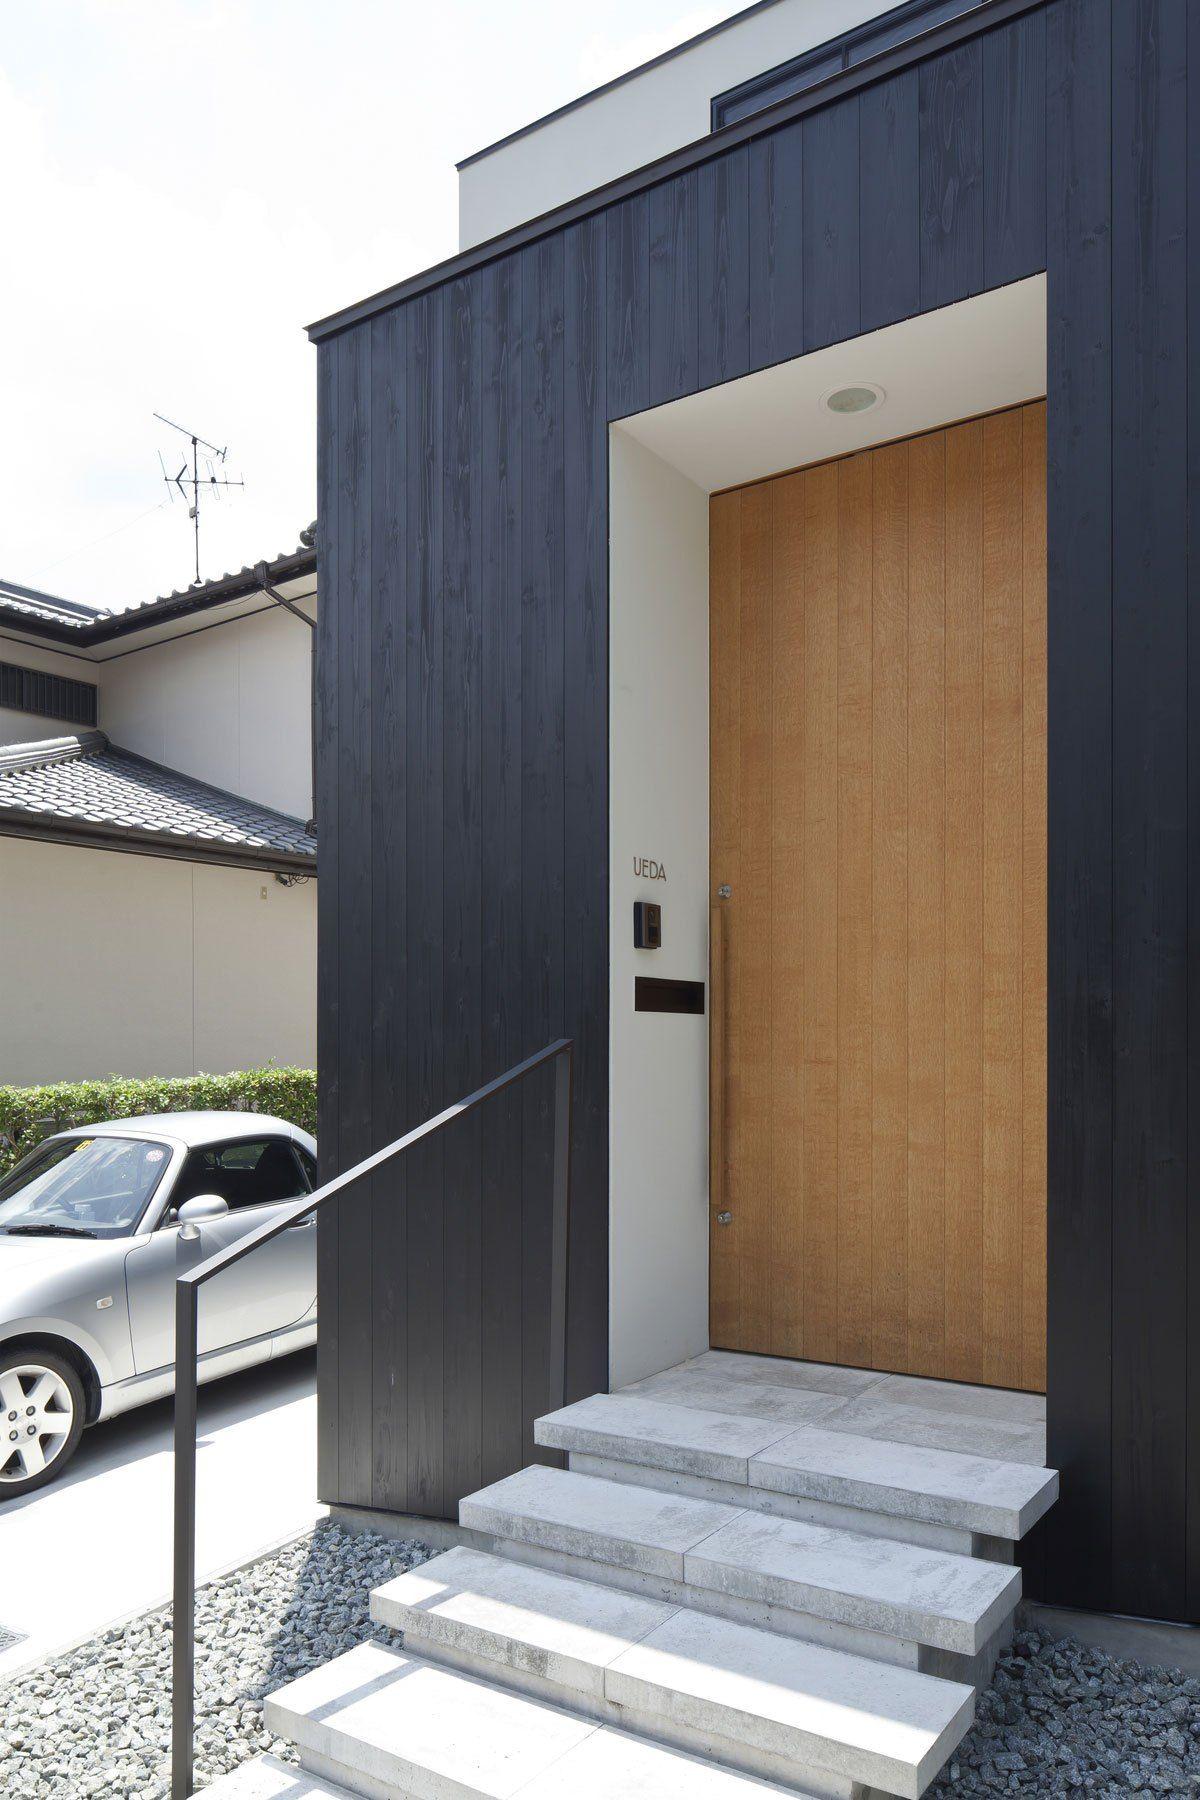 アプローチの床は平板コンクリート 玄関扉は高さ2 6mのナラ練付で製作 小さな中庭 ドアのデザイン 住宅建築